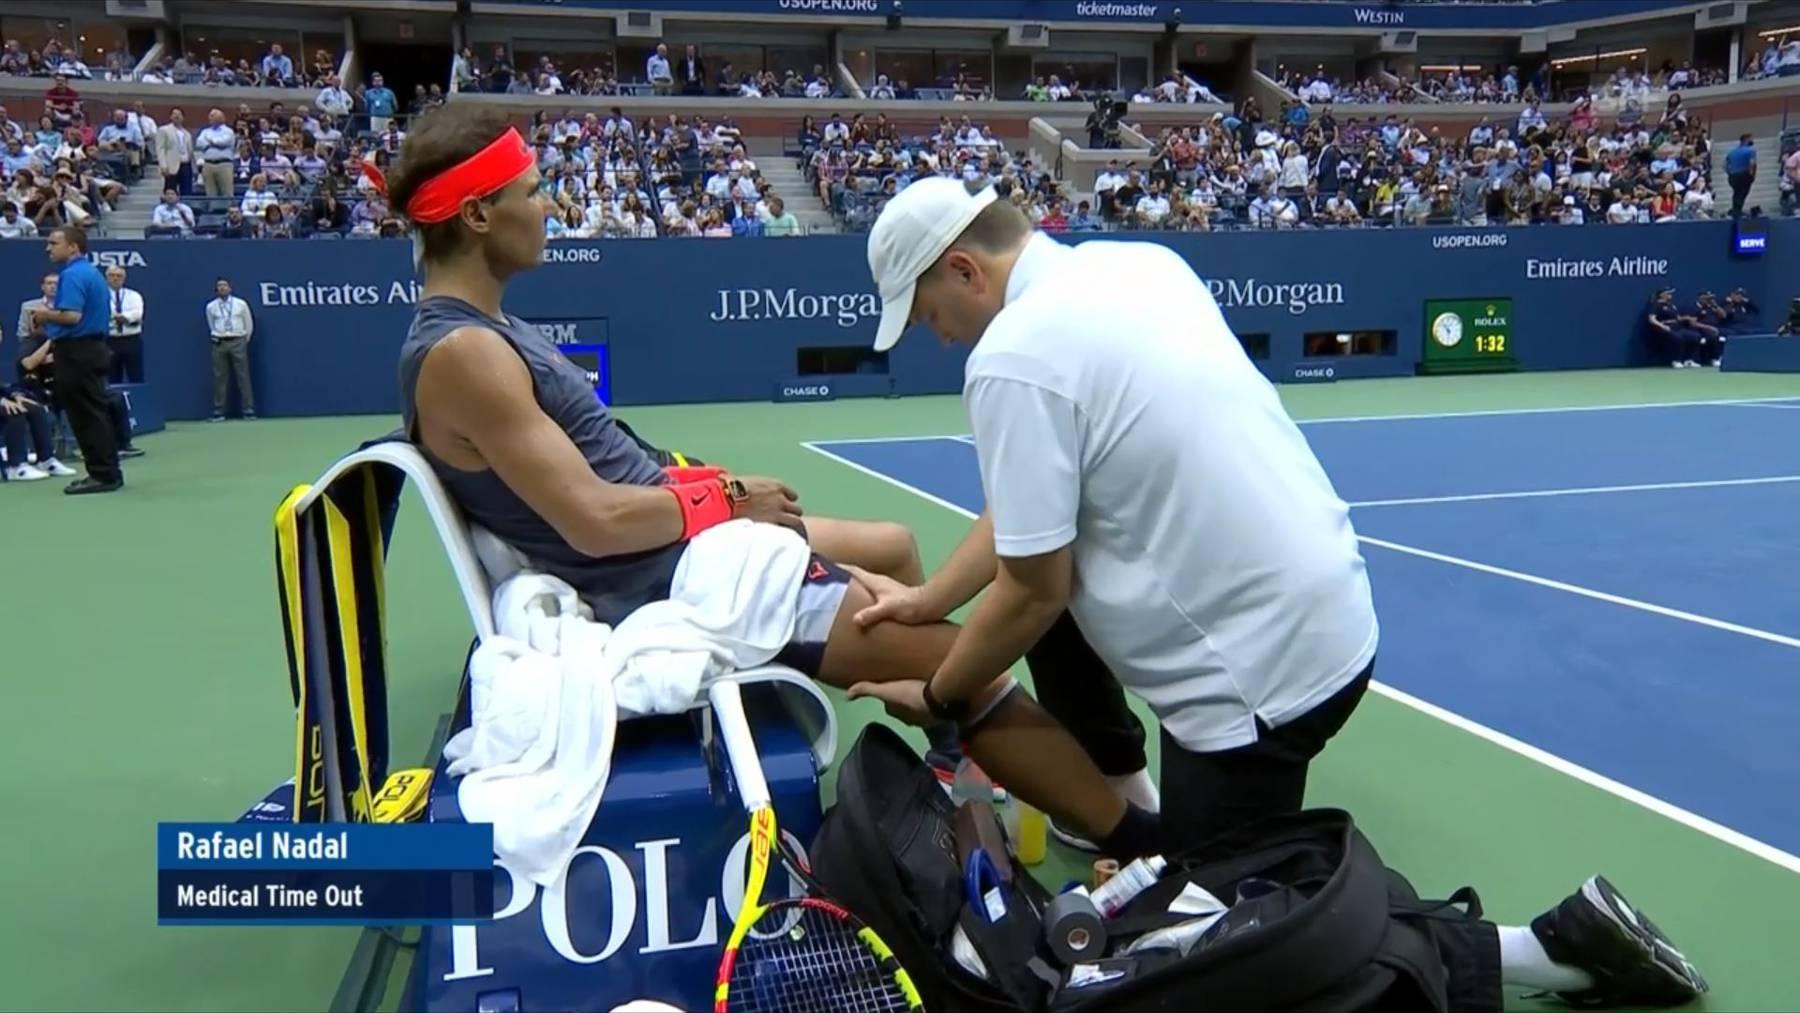 Knieverletzung stoppt Nadal am US-Open